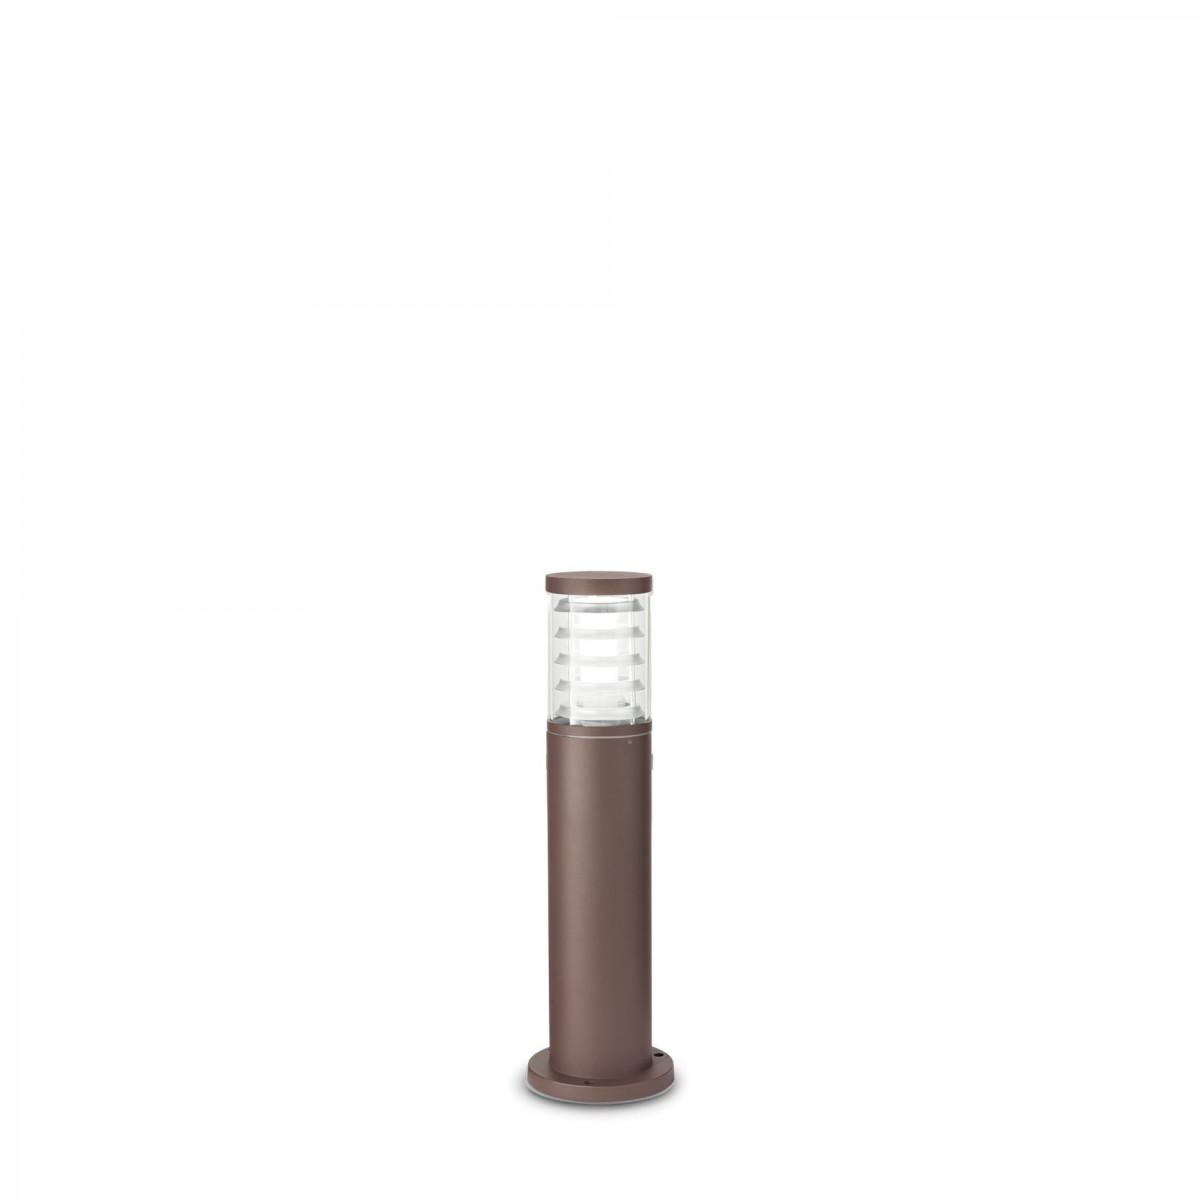 Ideal Lux 248271 venkovní sloupkové svítidlo Tronco 1x60W | E27 | IP54 - kávové